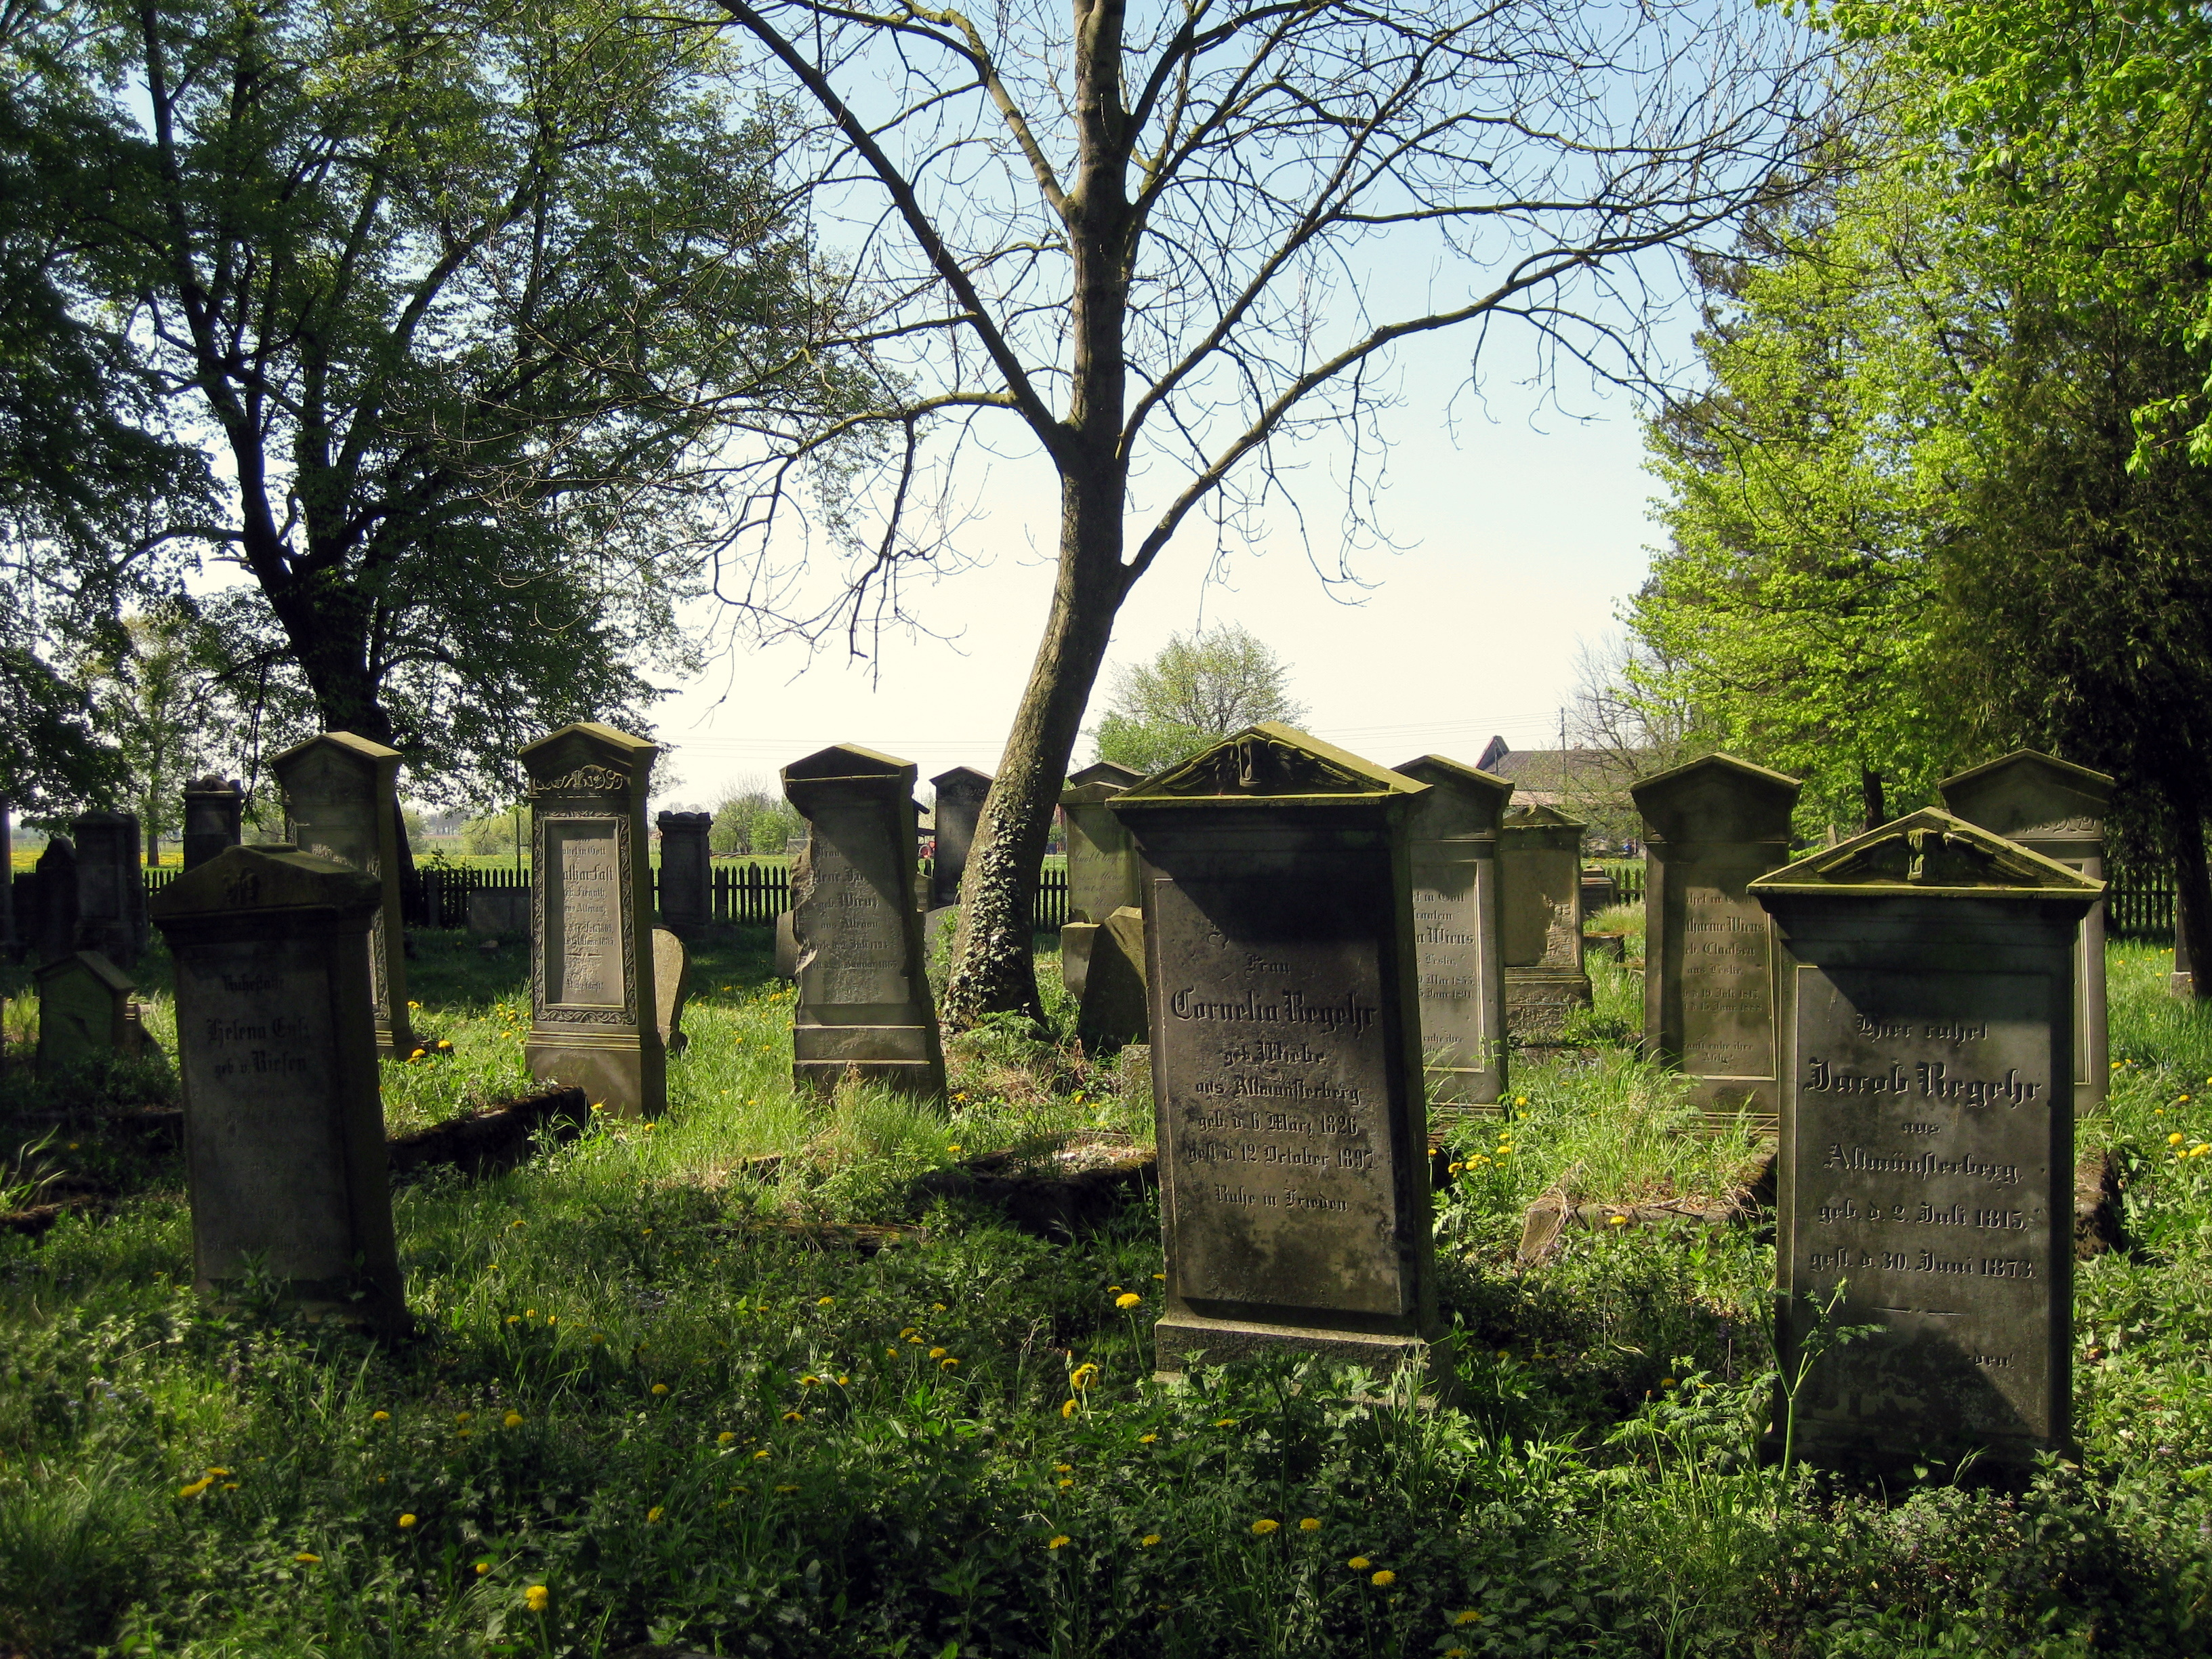 File:Mennonite Graveyard Heubuden 3.JPG - Wikimedia Commons